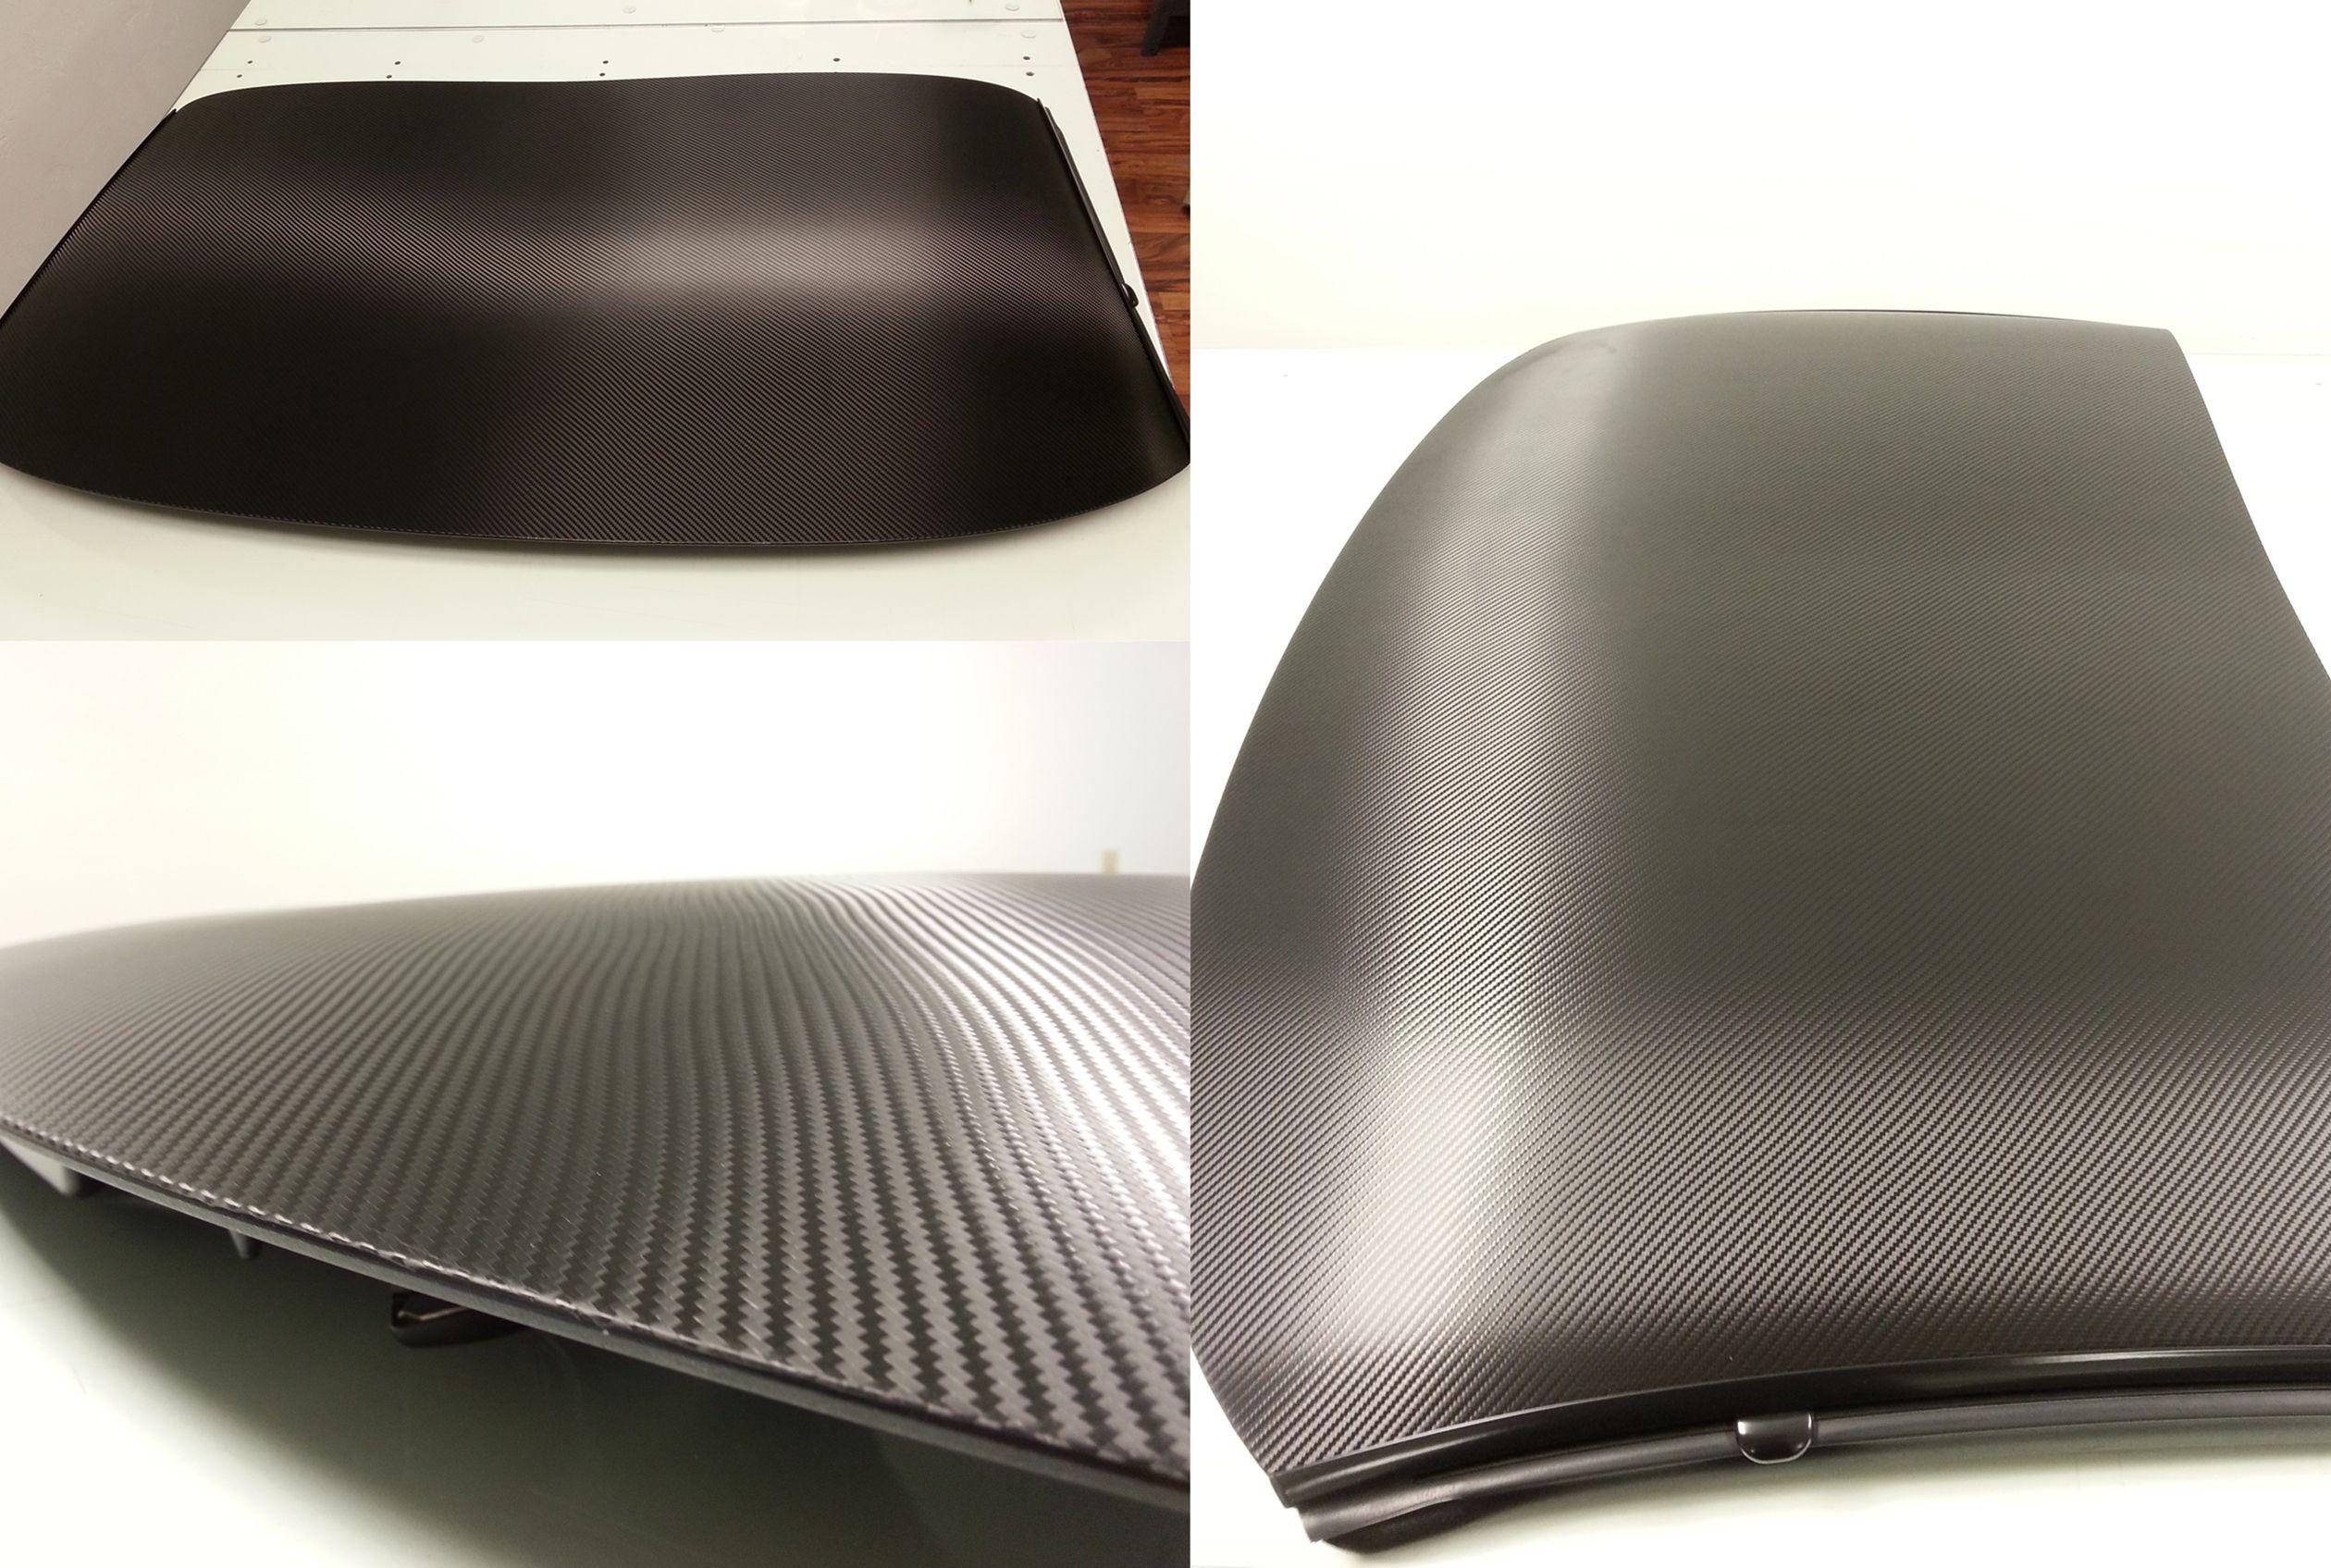 3m 1080 Carbon Fiber Wrapped Onto A Corvette Roof 3m Vinyl Carbonfiber Corvette Carbon Fiber Wrap Vinyl Graphics Vinyl Wrap